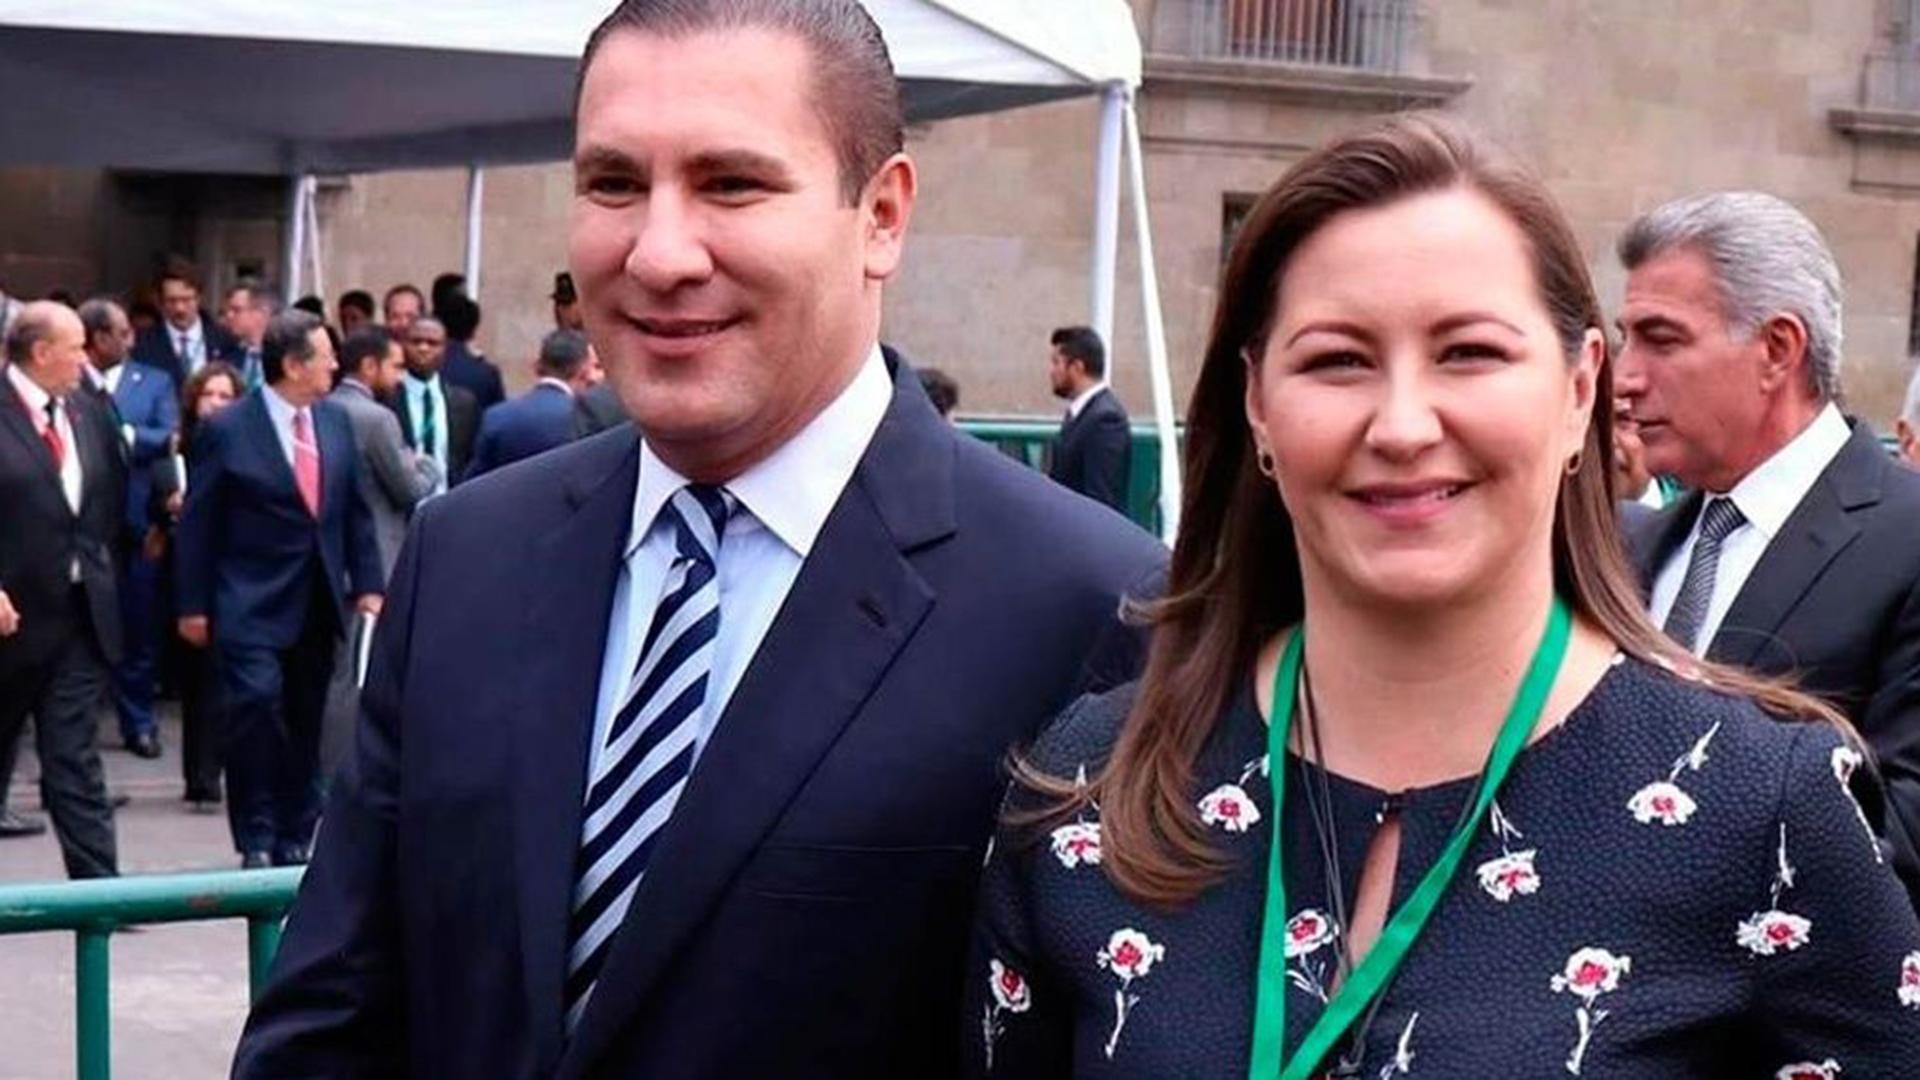 Los ex gobernadores de Puebla fallecieron el 24 de diciembre (Foto: Facebook Marthaerikaalonso)